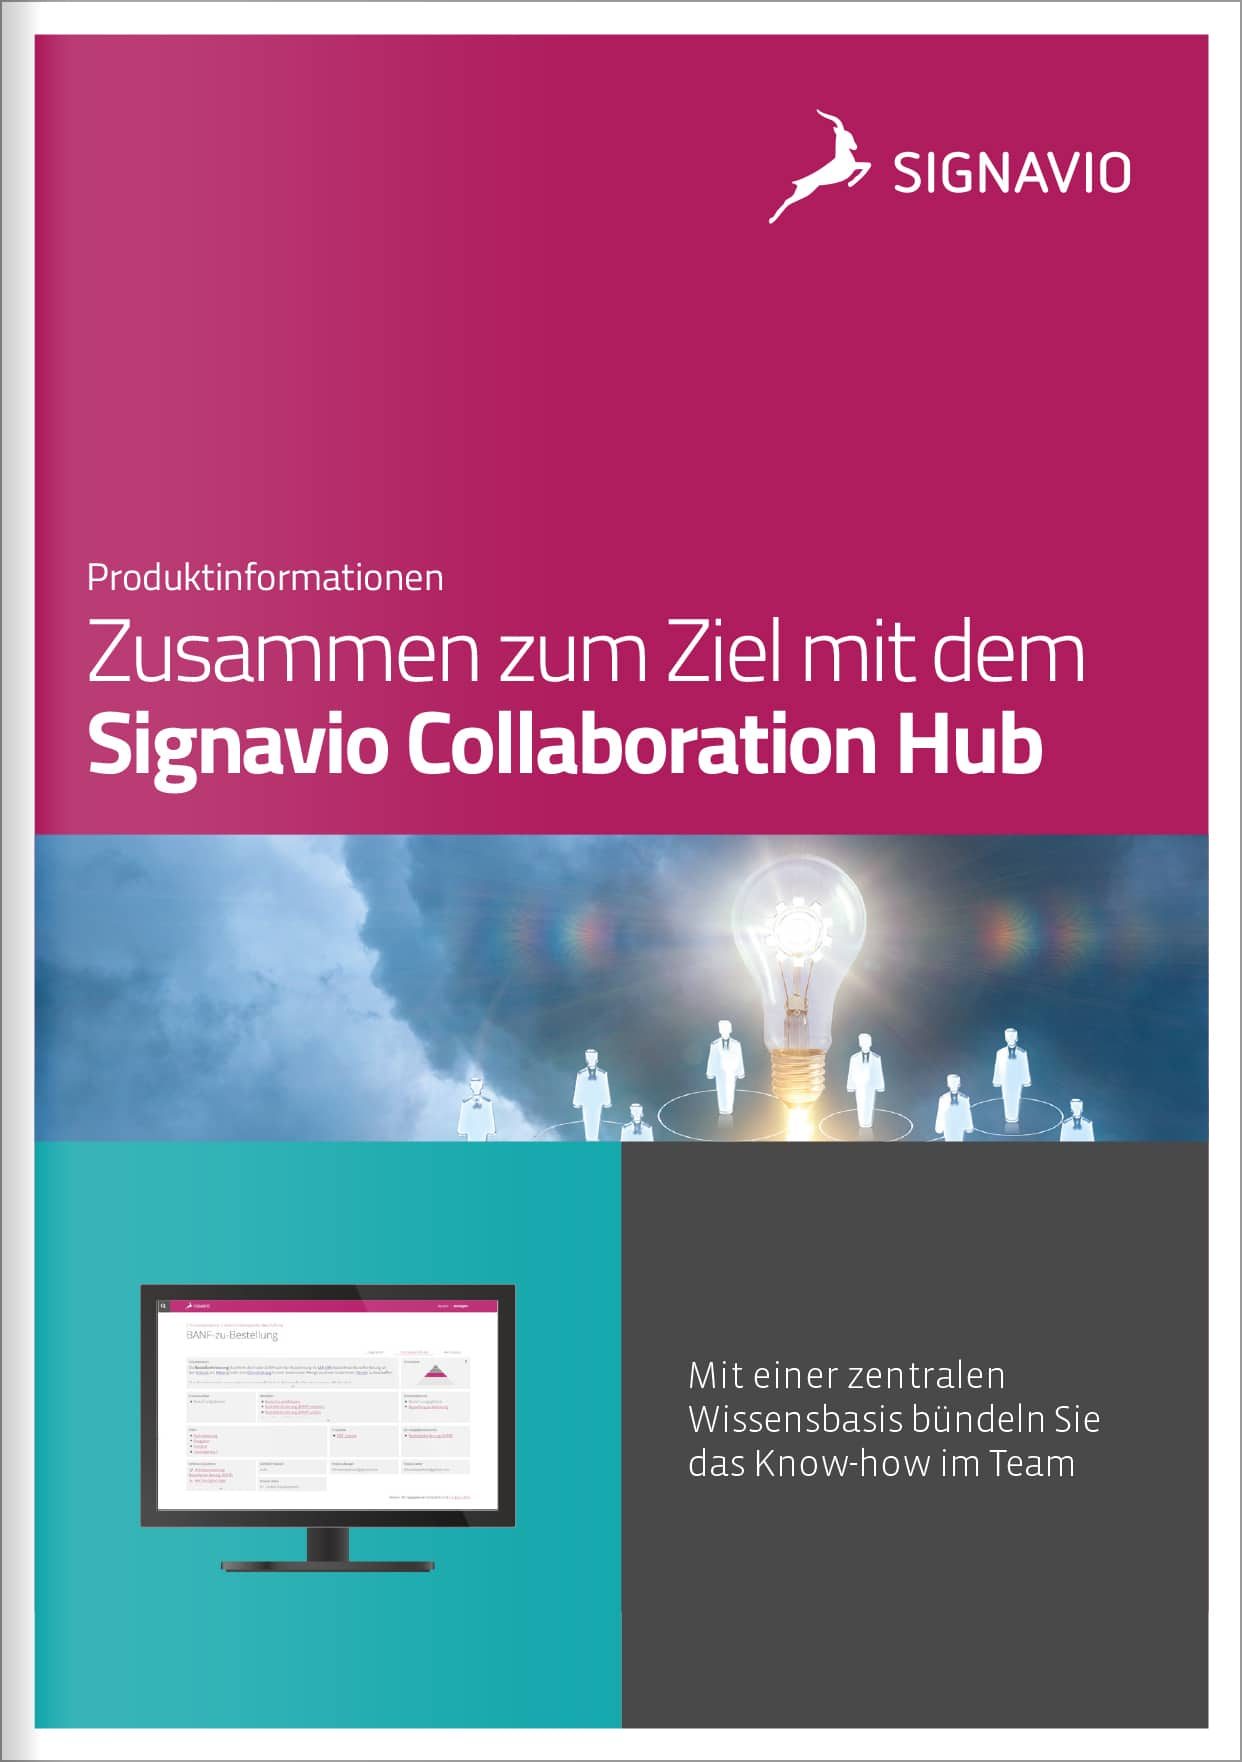 Gemeinsam zum Ziel mit dem Signavio Collaboration Hub